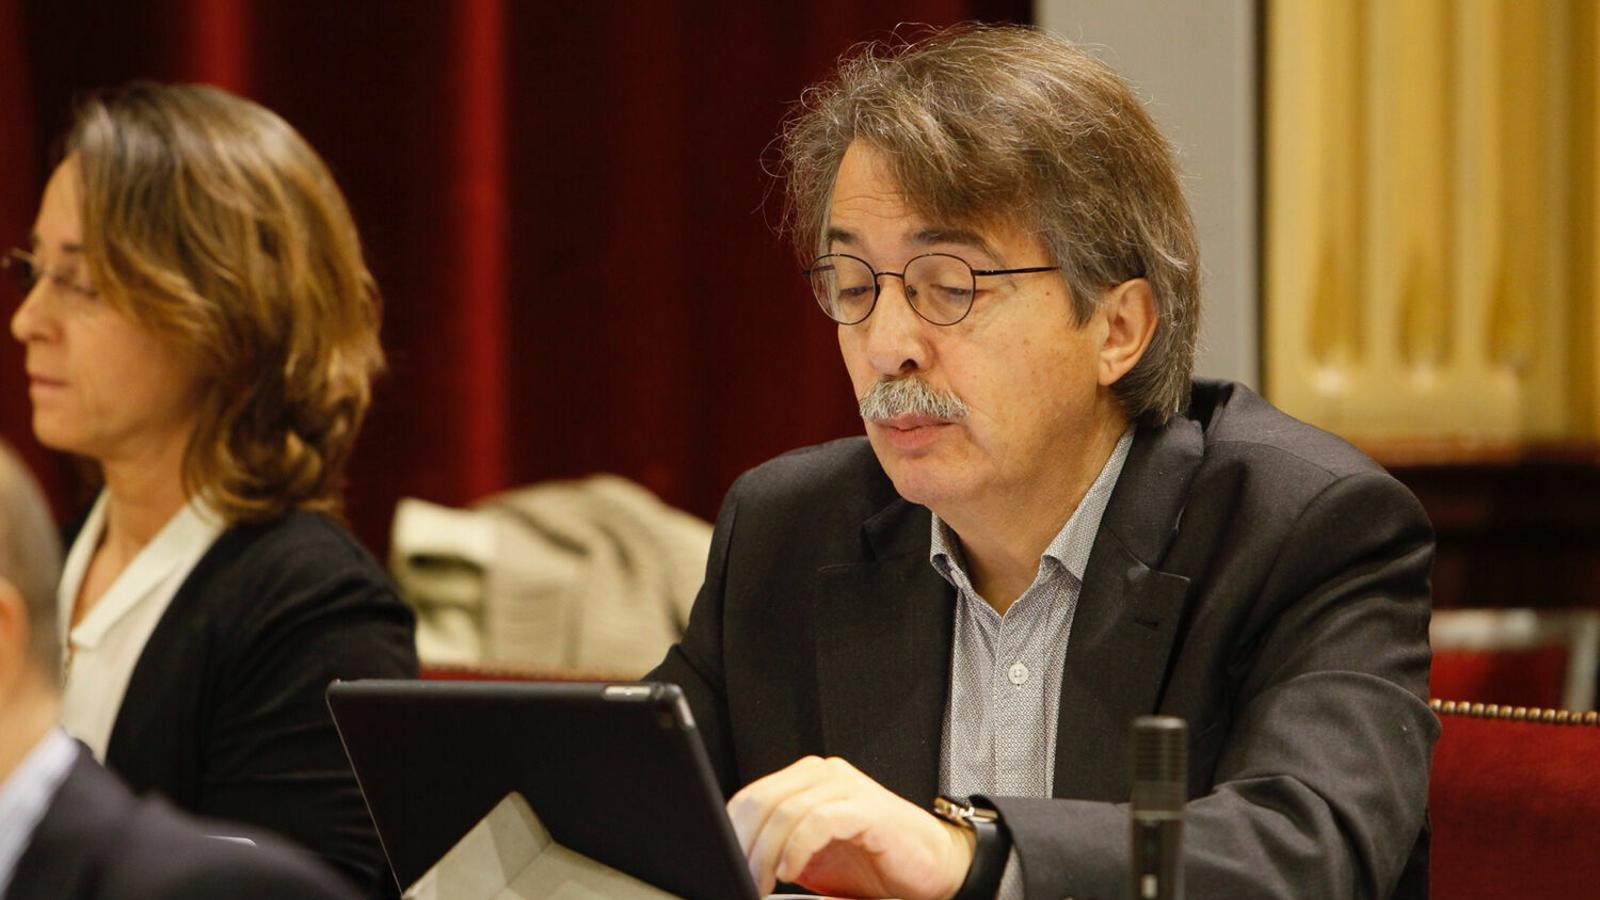 El portaveu de Ciutadans, Xavier Pericay, en una imatge d'arxiu.